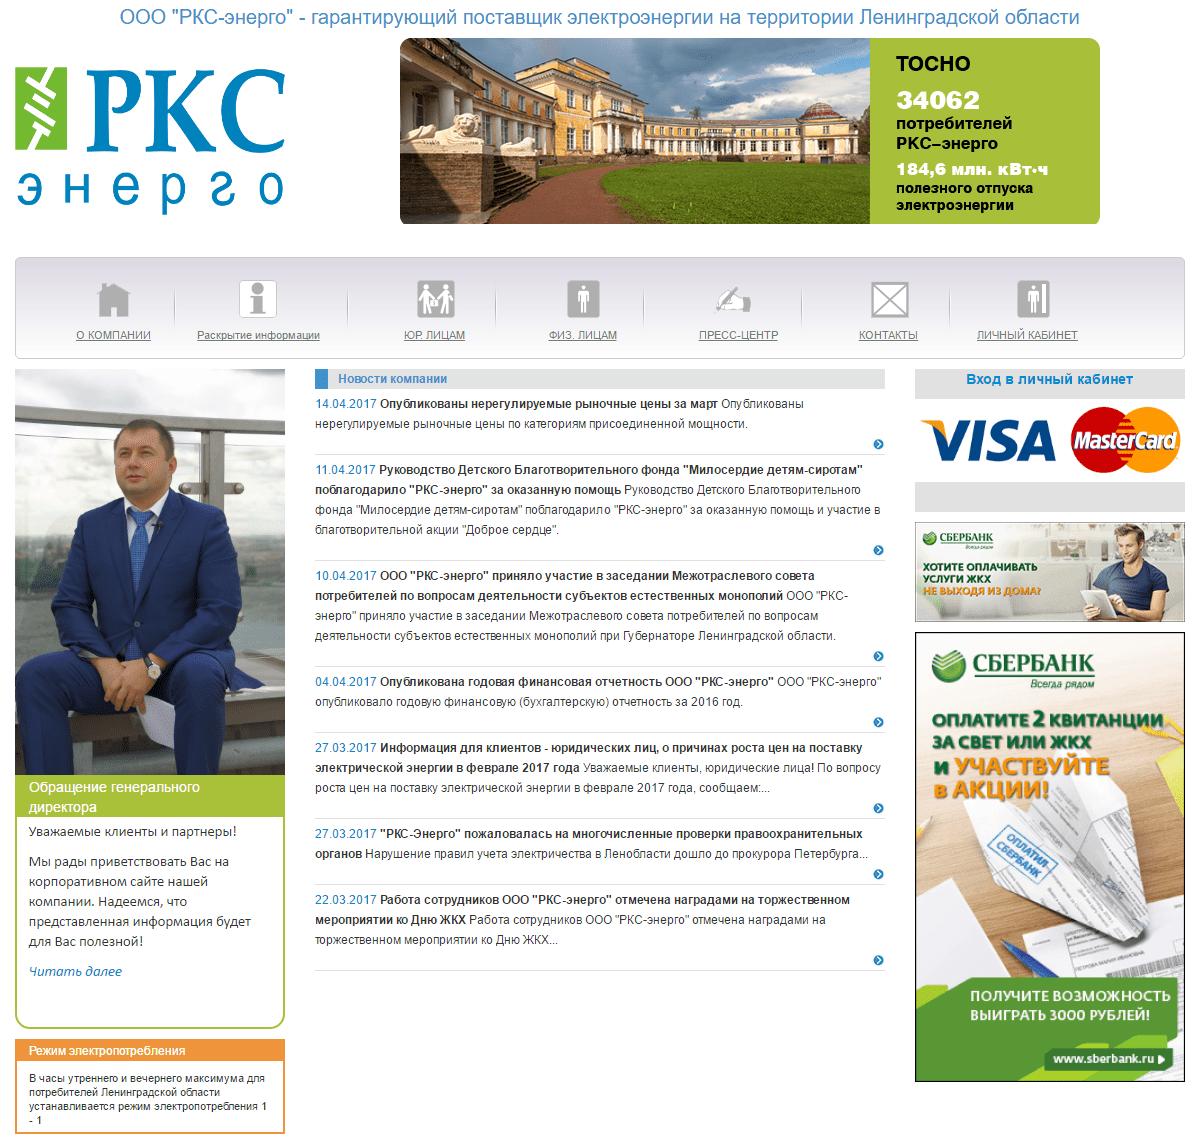 rks-energo2.png